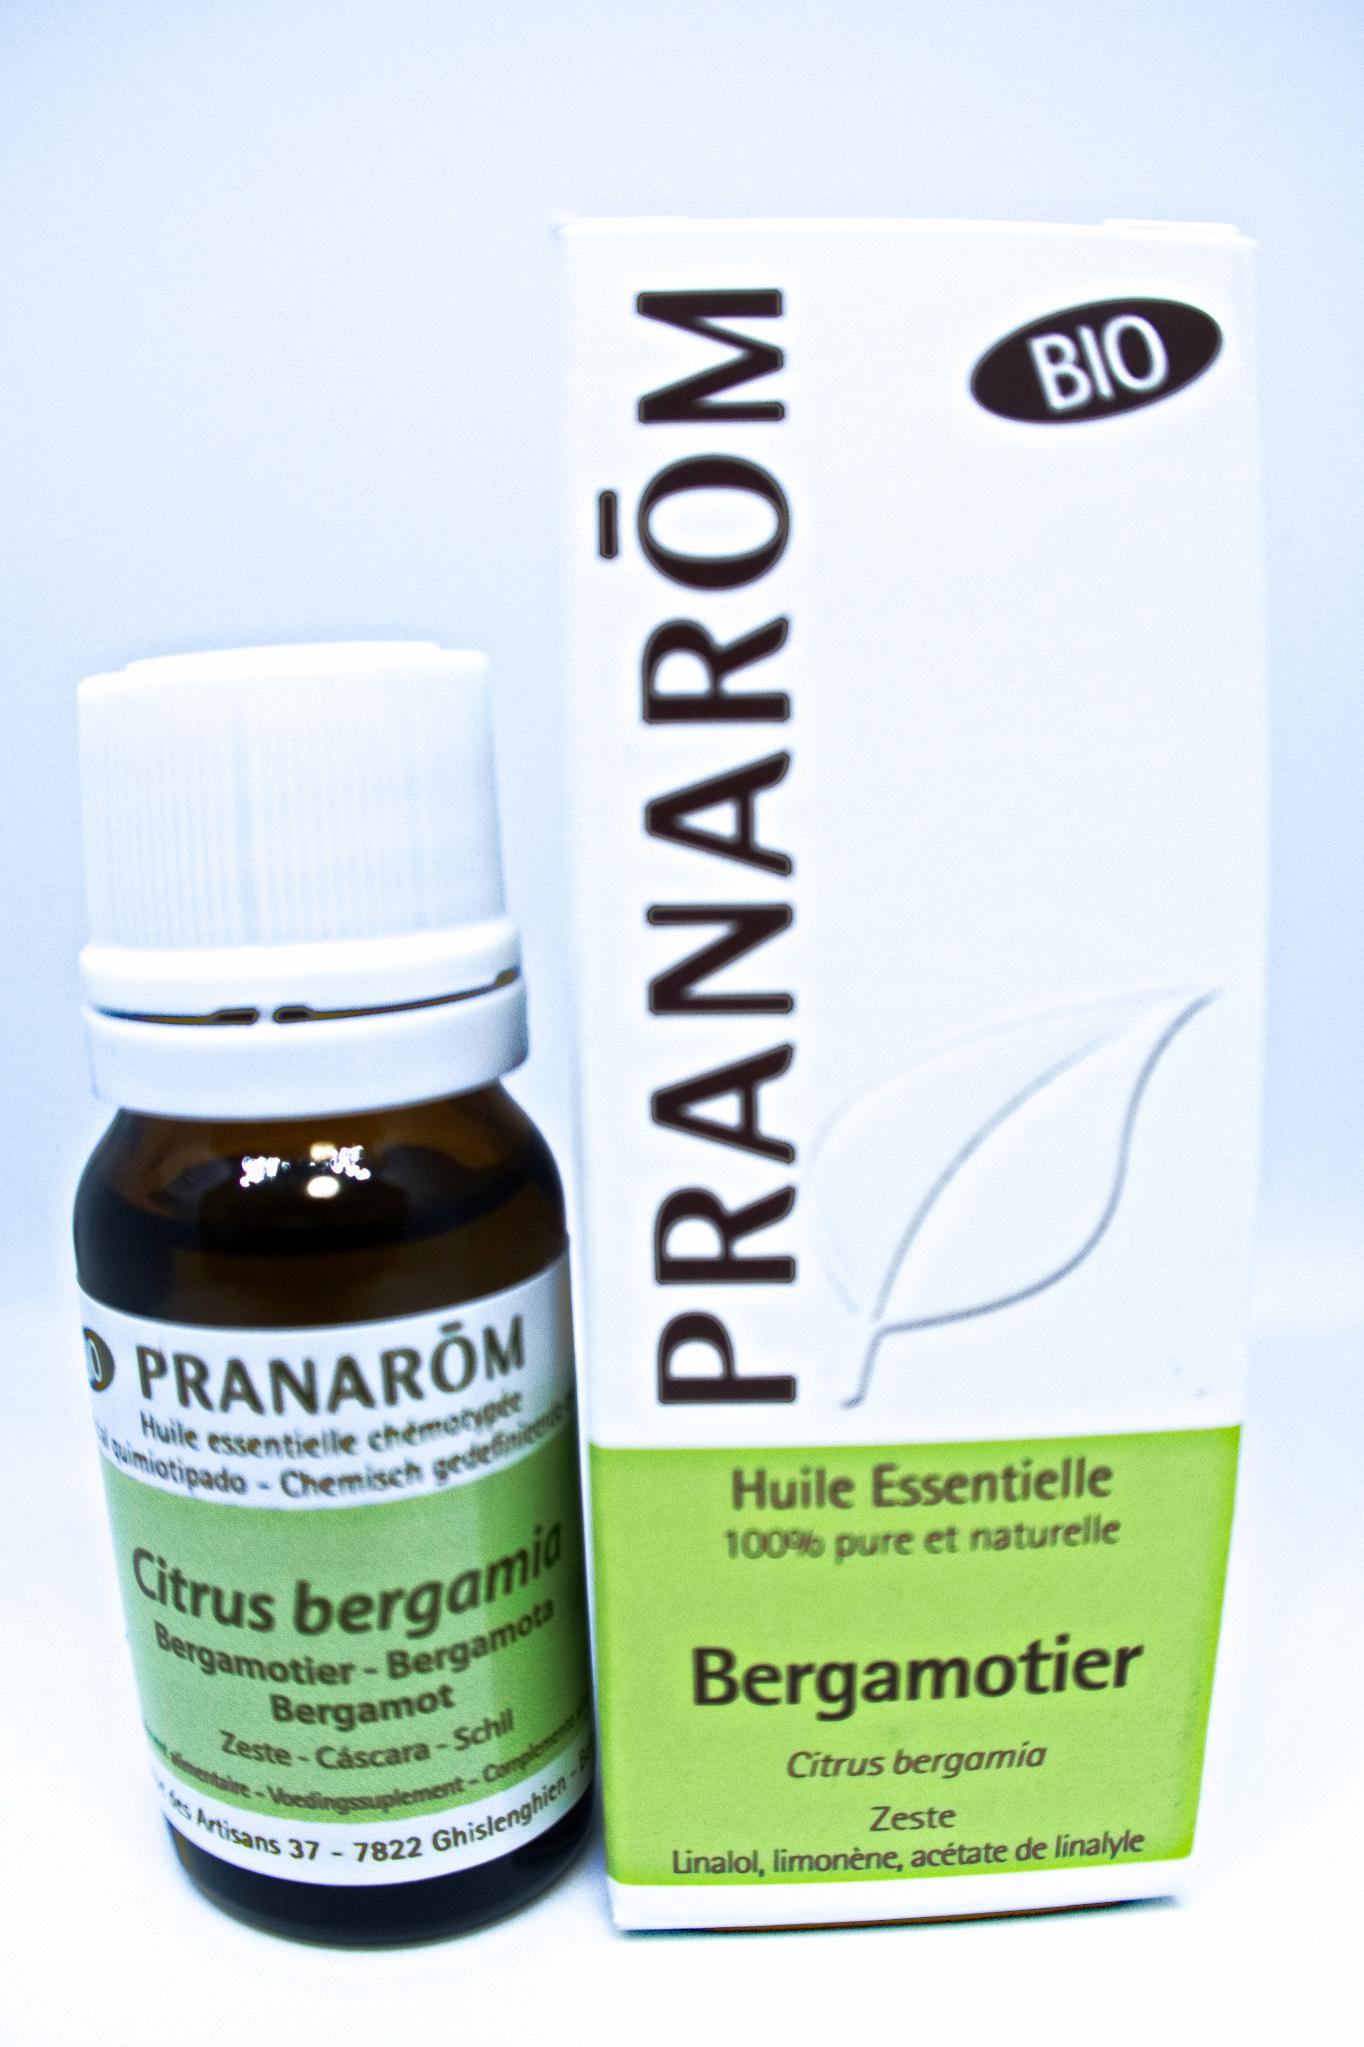 プラナロム ベルガモット 10ml (PRANAROM Bergamotier)